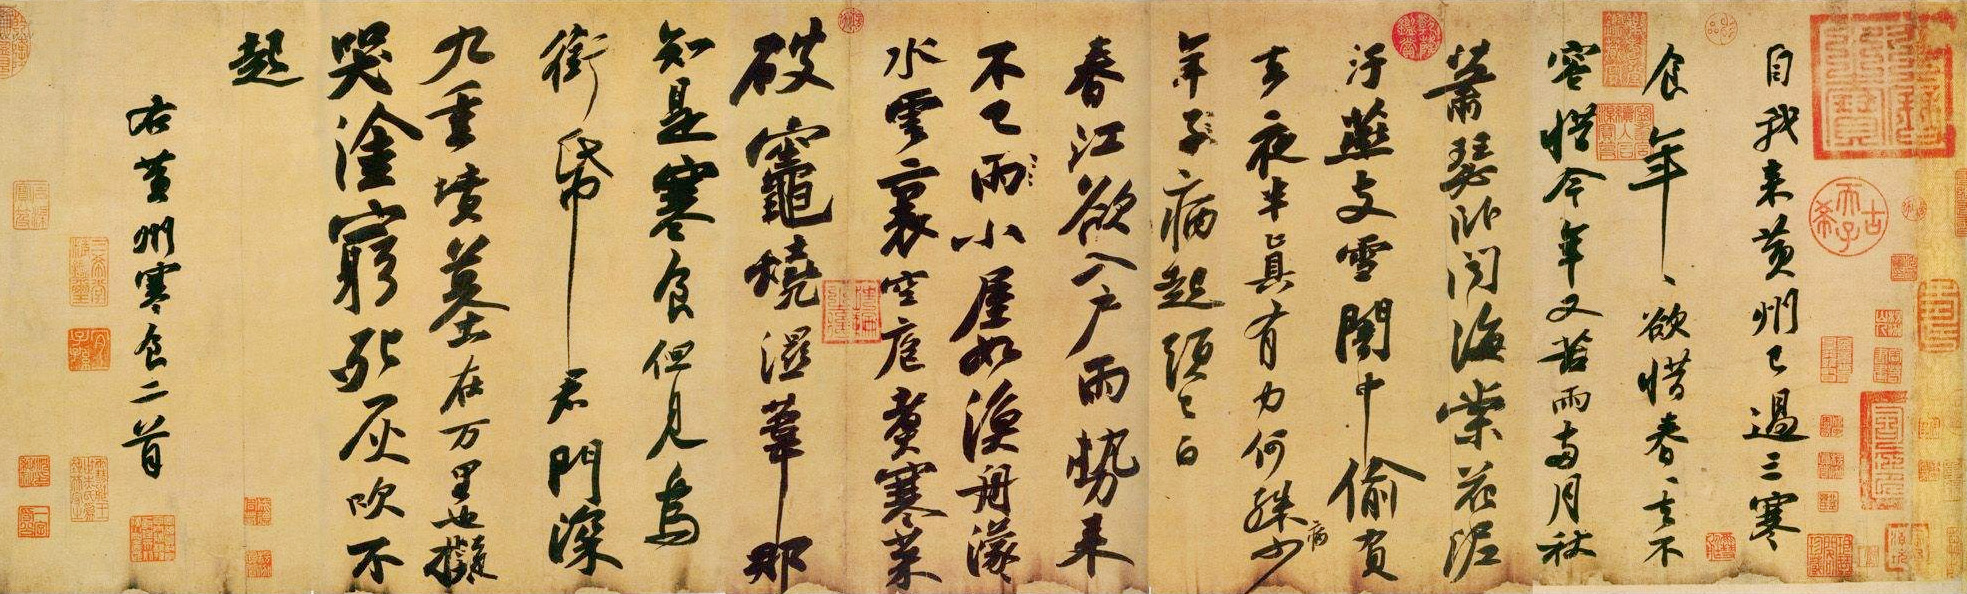 苏轼《黄州寒食帖》现藏于台北故宫博物院